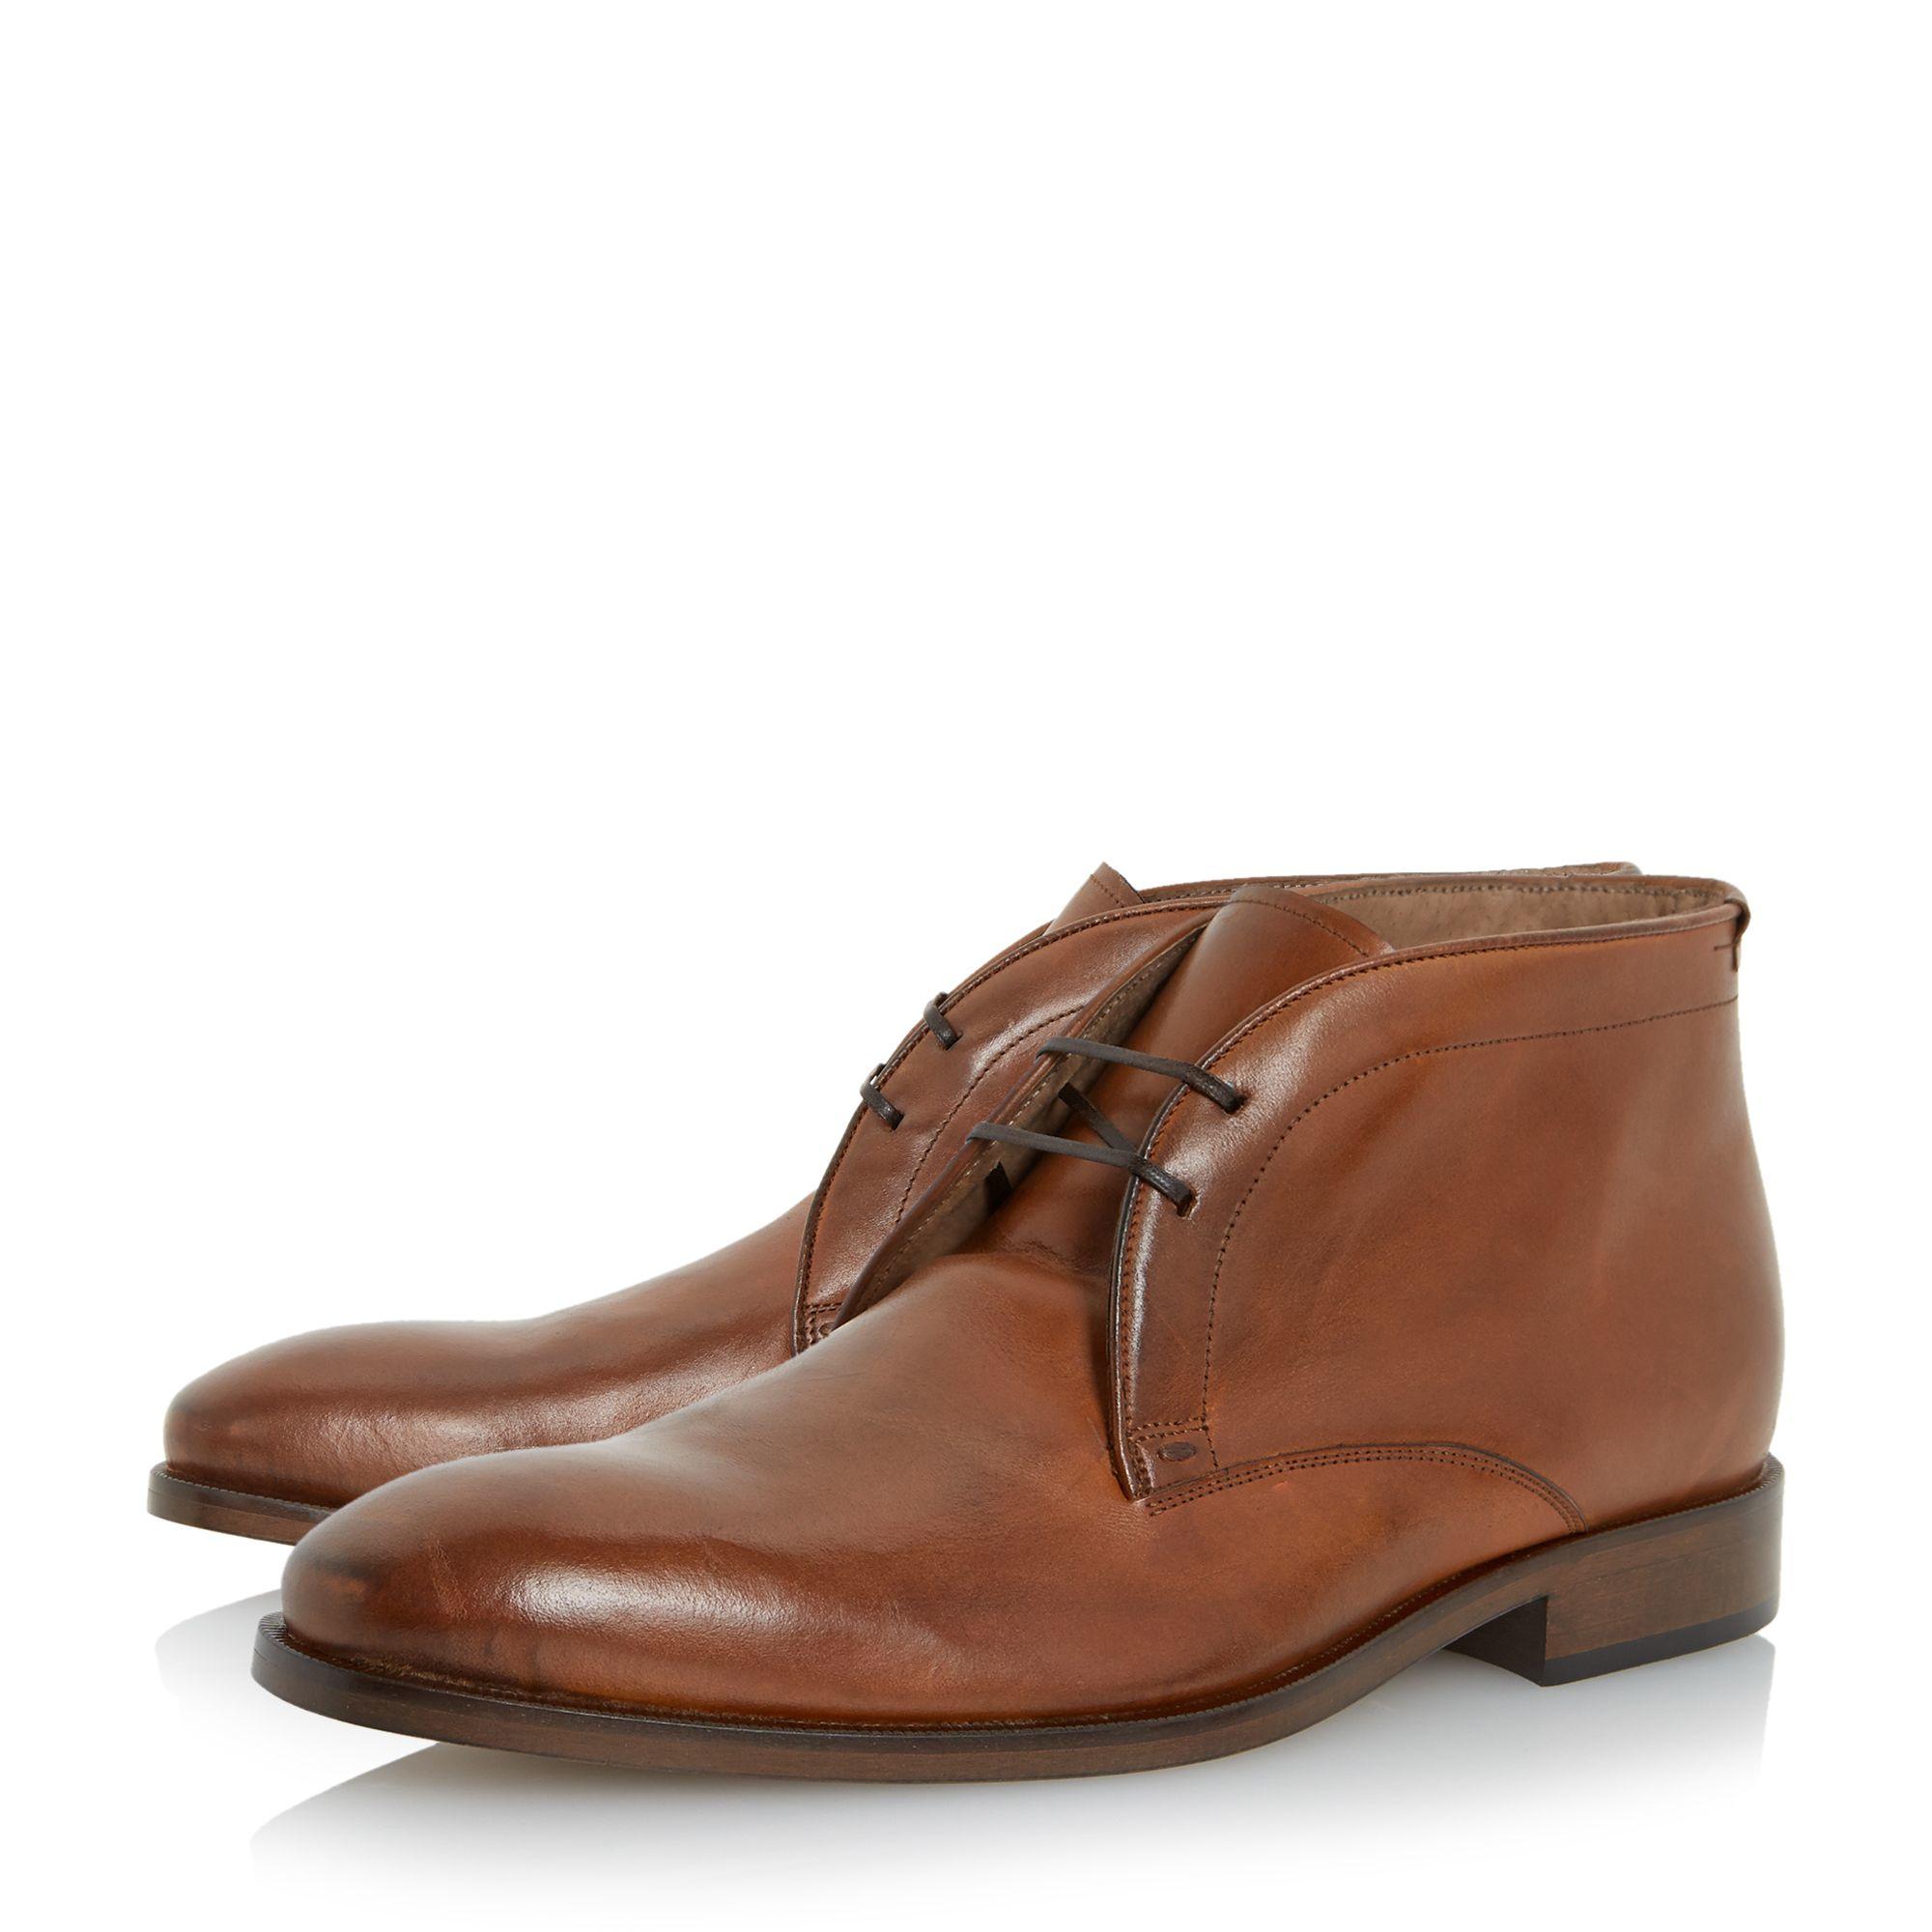 Roland Cartier Womens Shoes